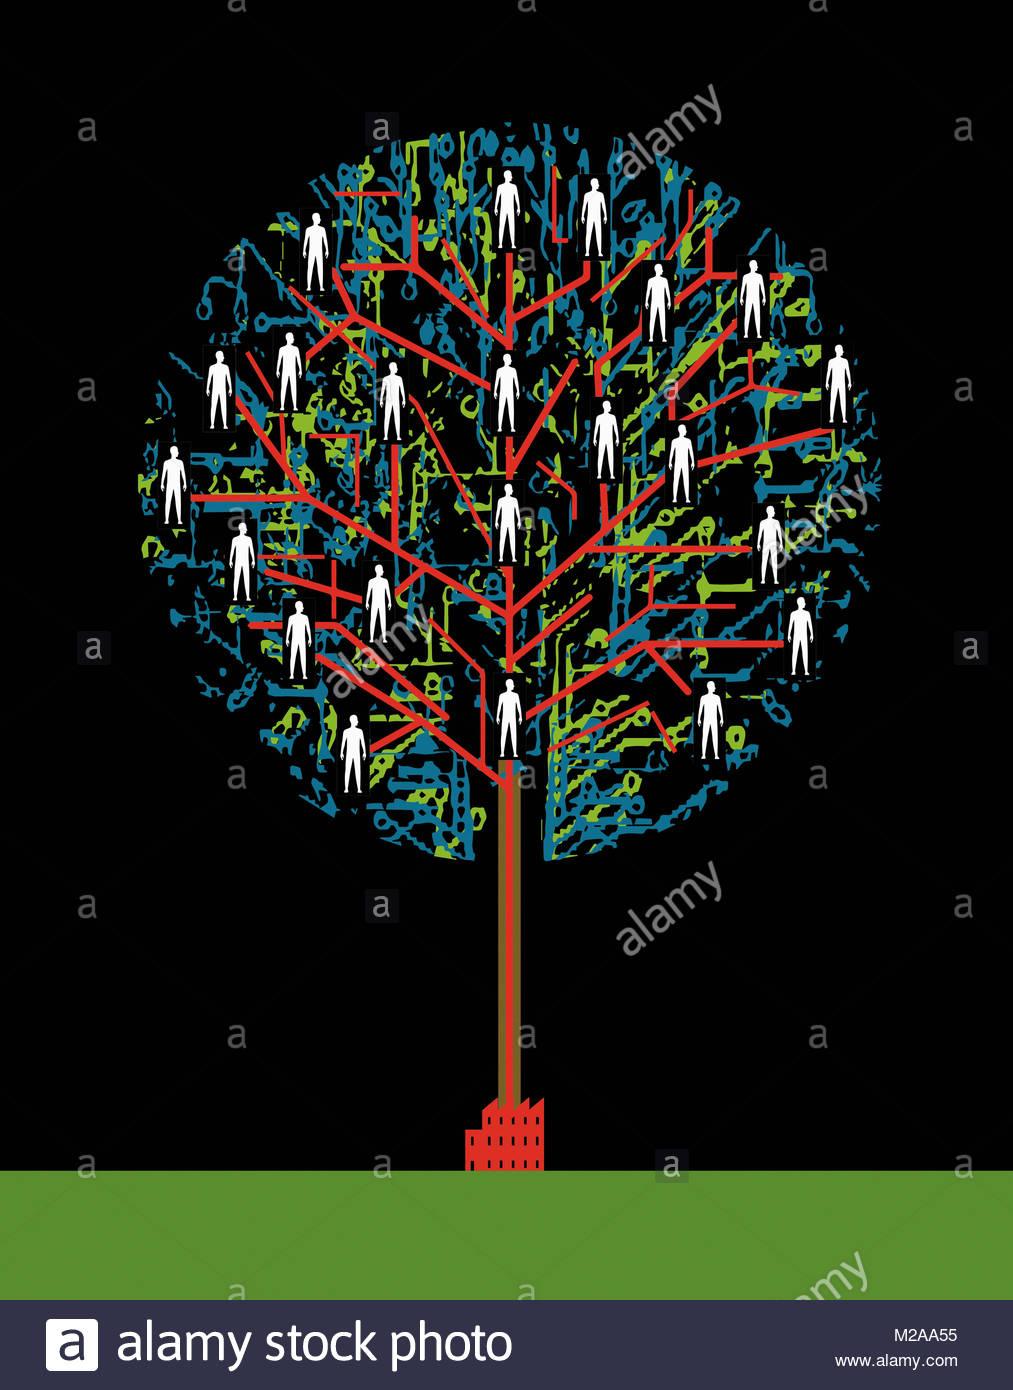 Persone collegate in rete albero che cresce dalla fabbrica Immagini Stock